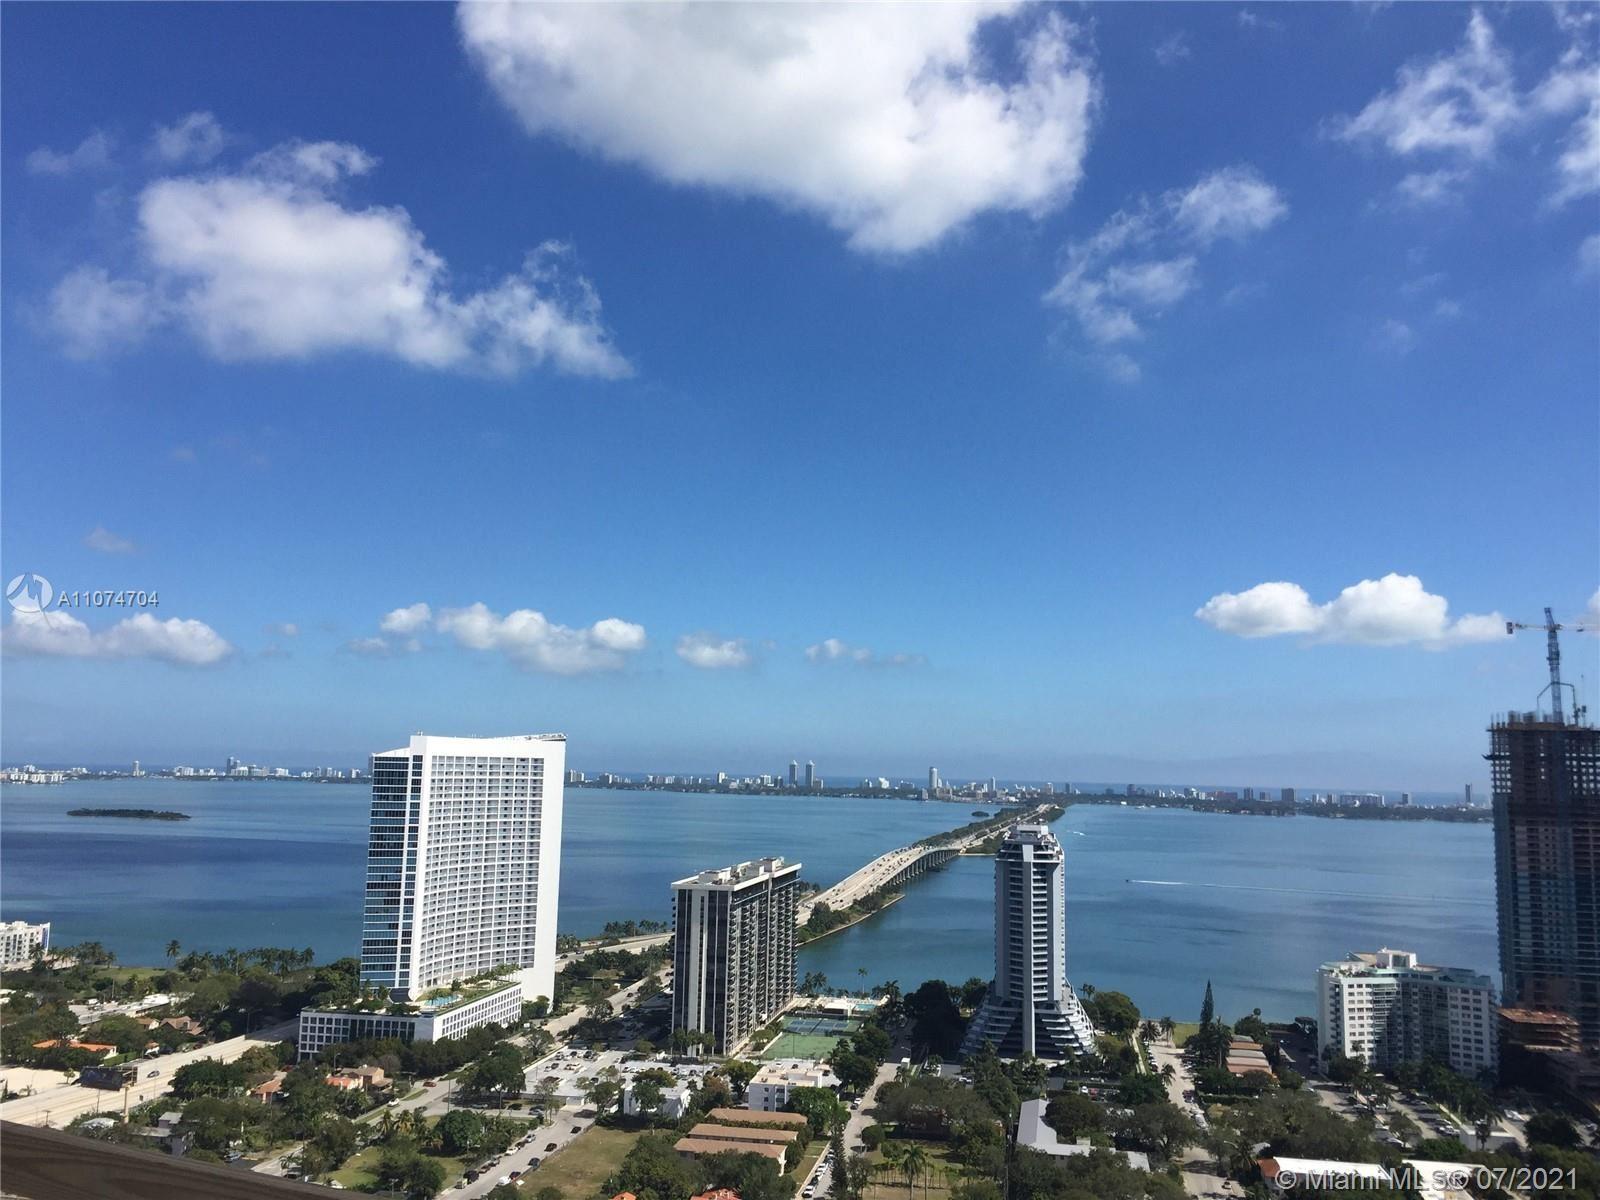 121 NE 34th St #1606A, Miami, FL 33137 - #: A11074704